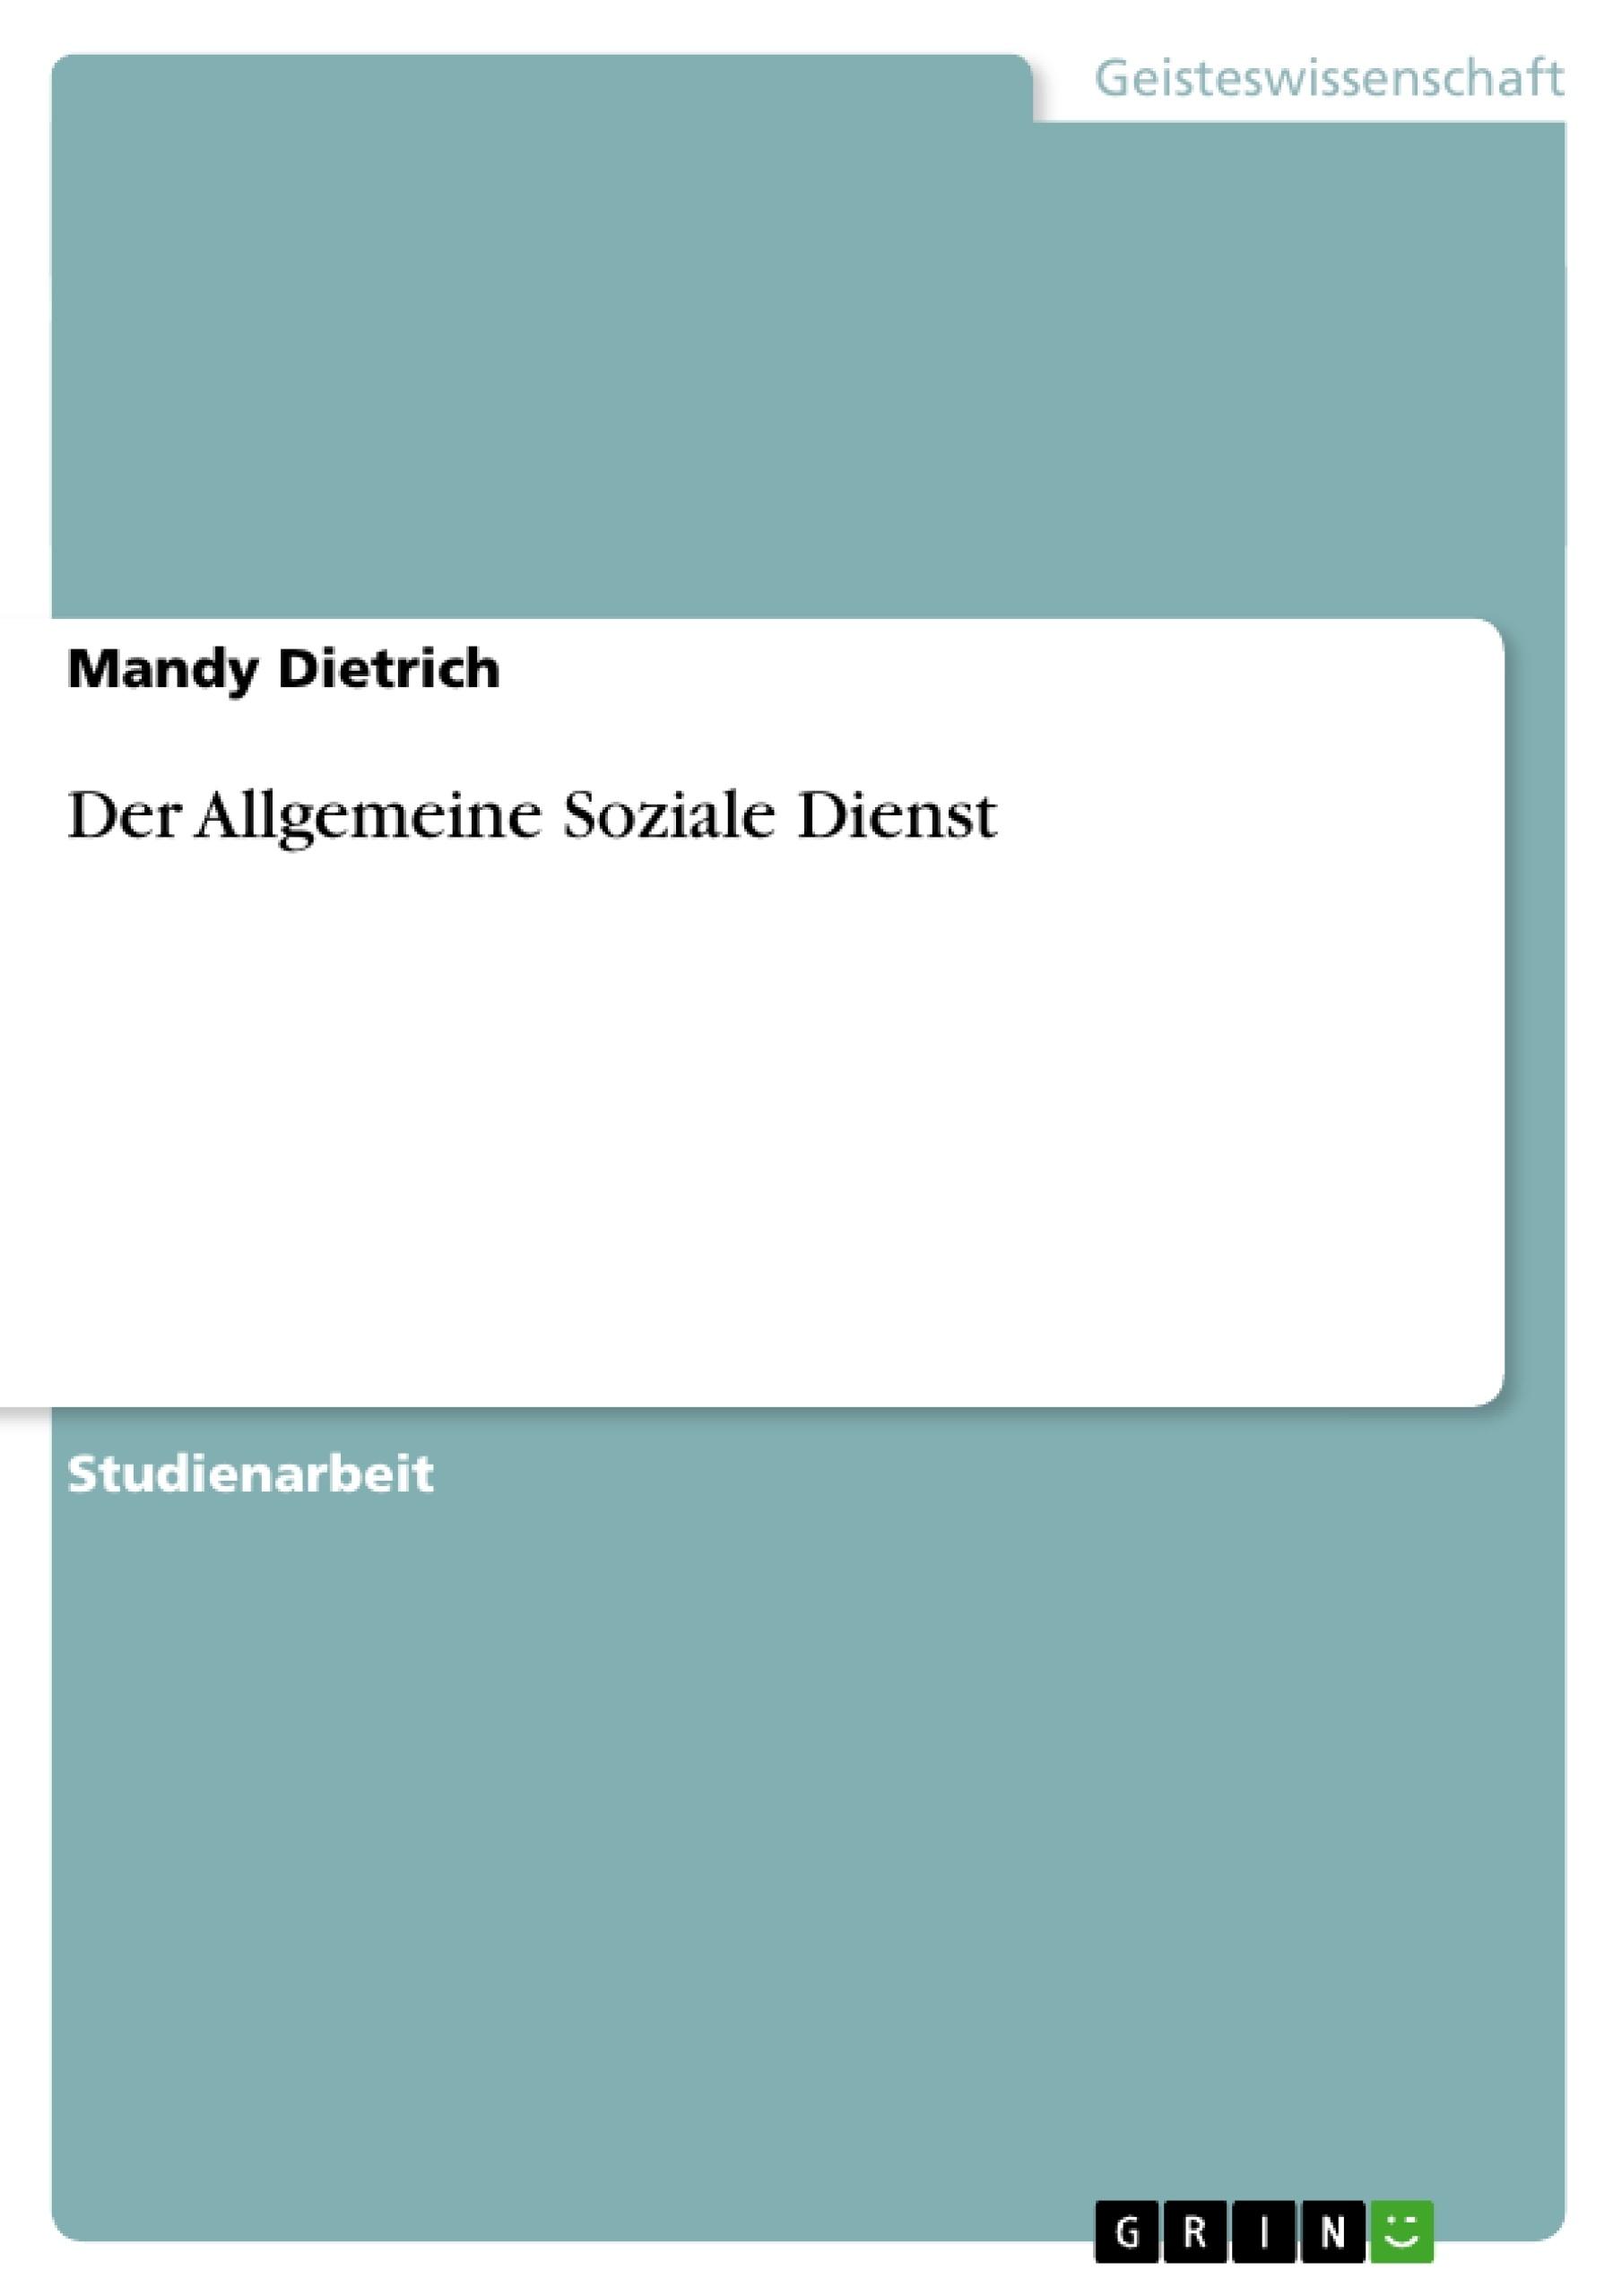 Titel: Der Allgemeine Soziale Dienst